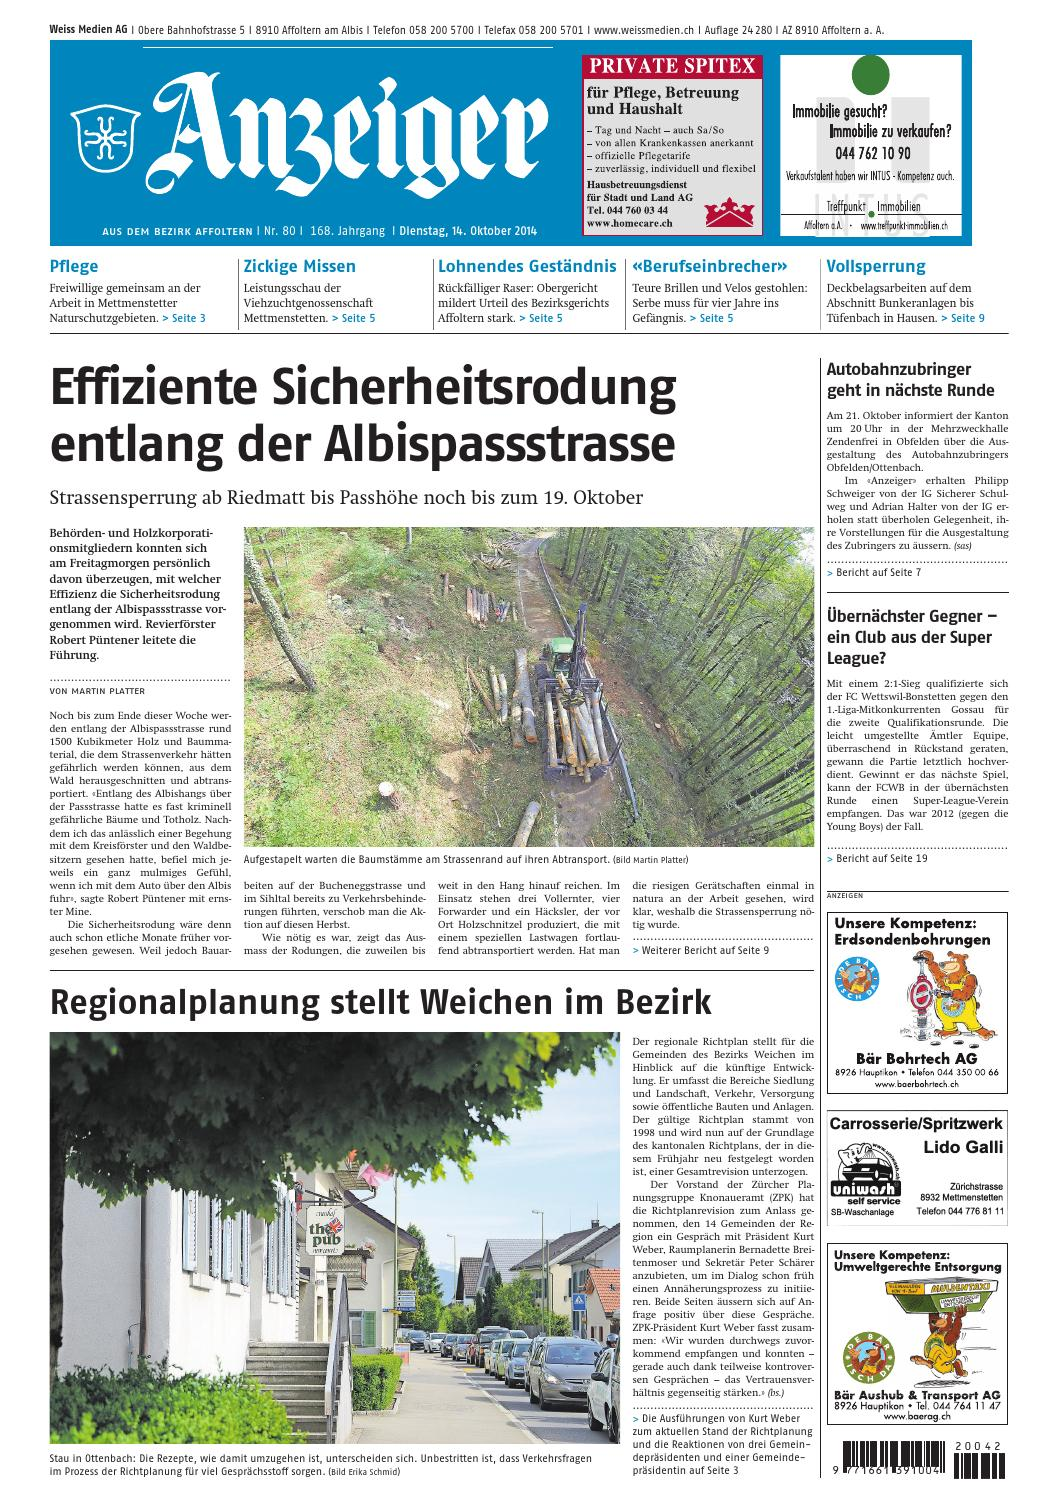 Gesellschaft - Konzessionierter TV-Treff fr - Onlinereports